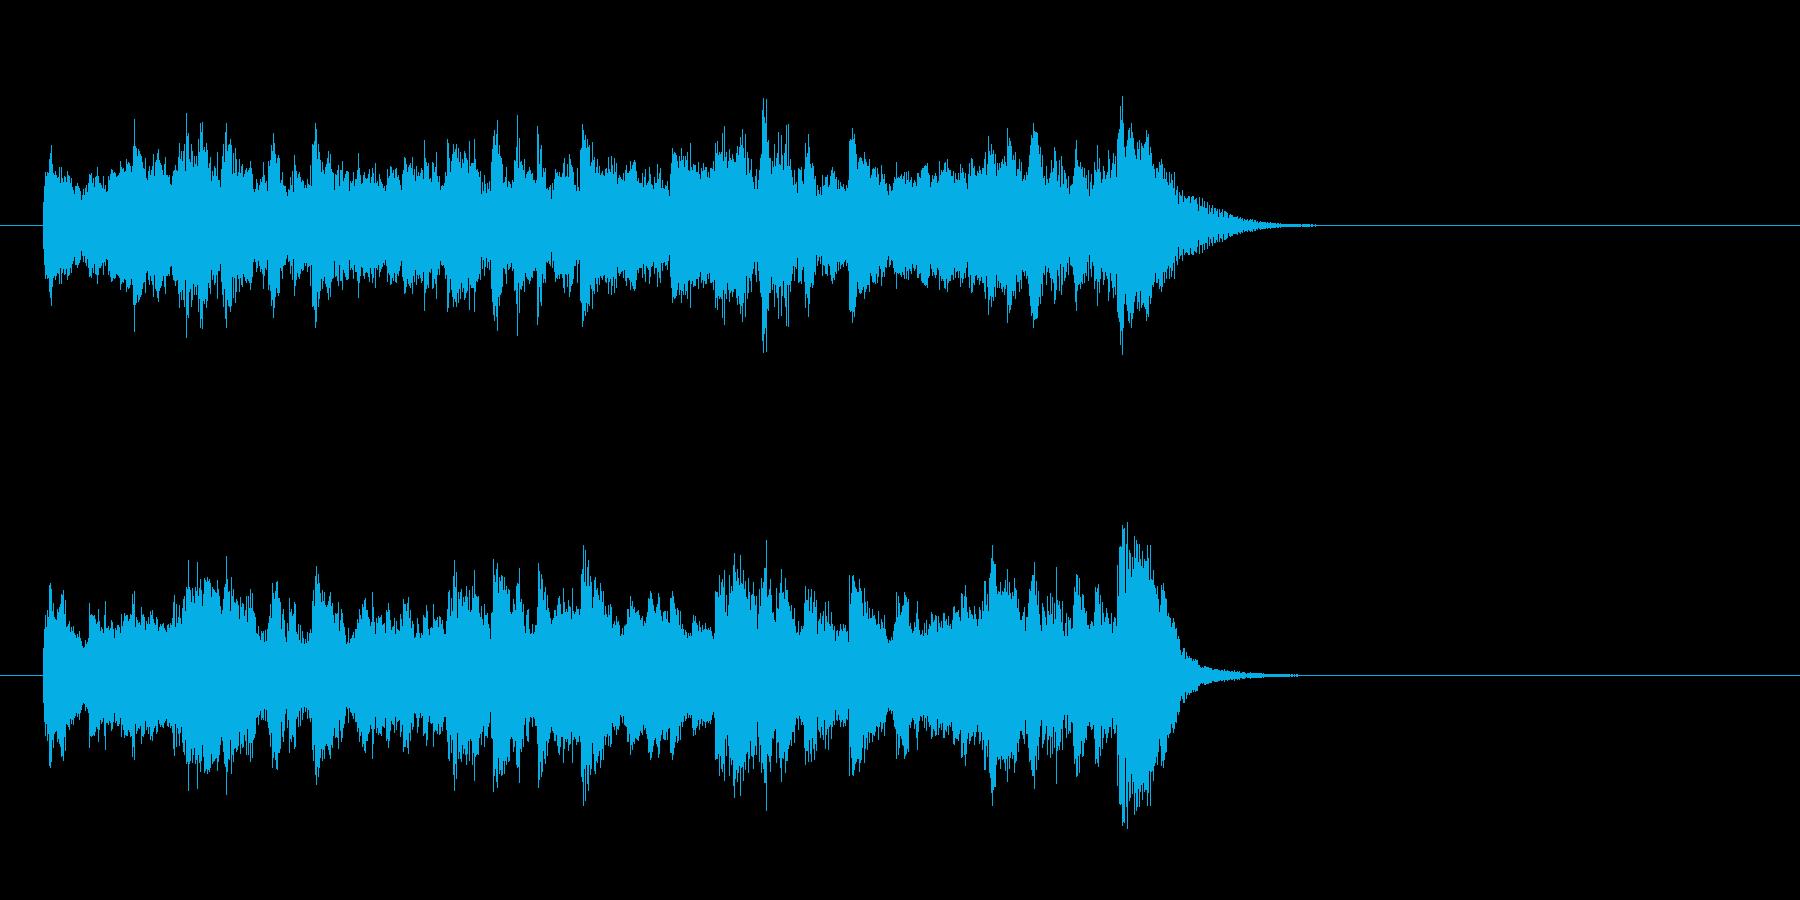 ワルツなセミクラ風ポップ(イントロ)の再生済みの波形